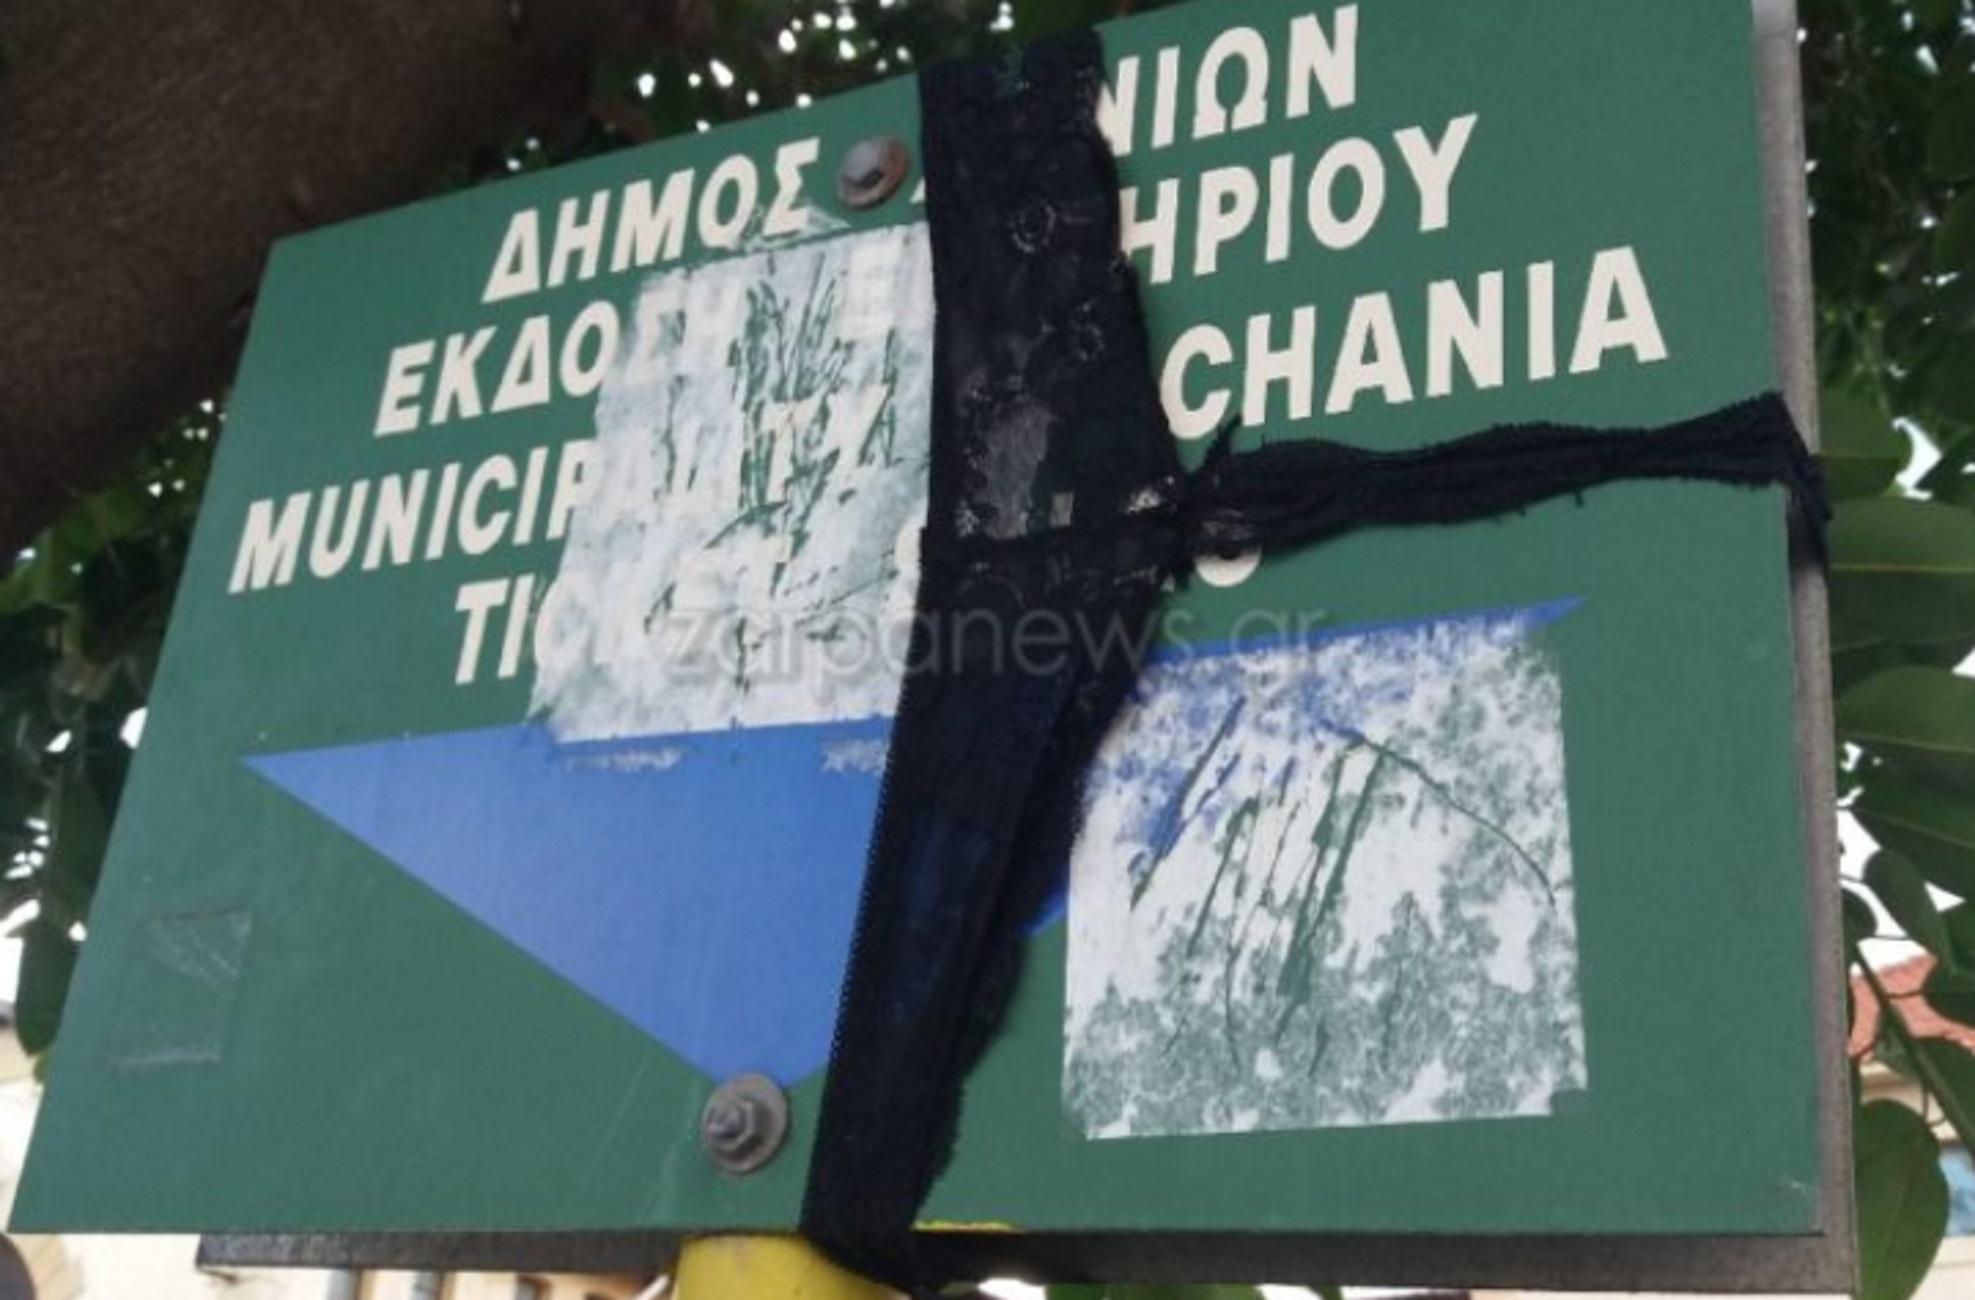 Χανιά: Είδε το εσώρουχό της κρεμασμένο σε πινακίδα! Σκηνές απείρου κάλλους στην πλατεία (Φωτό)